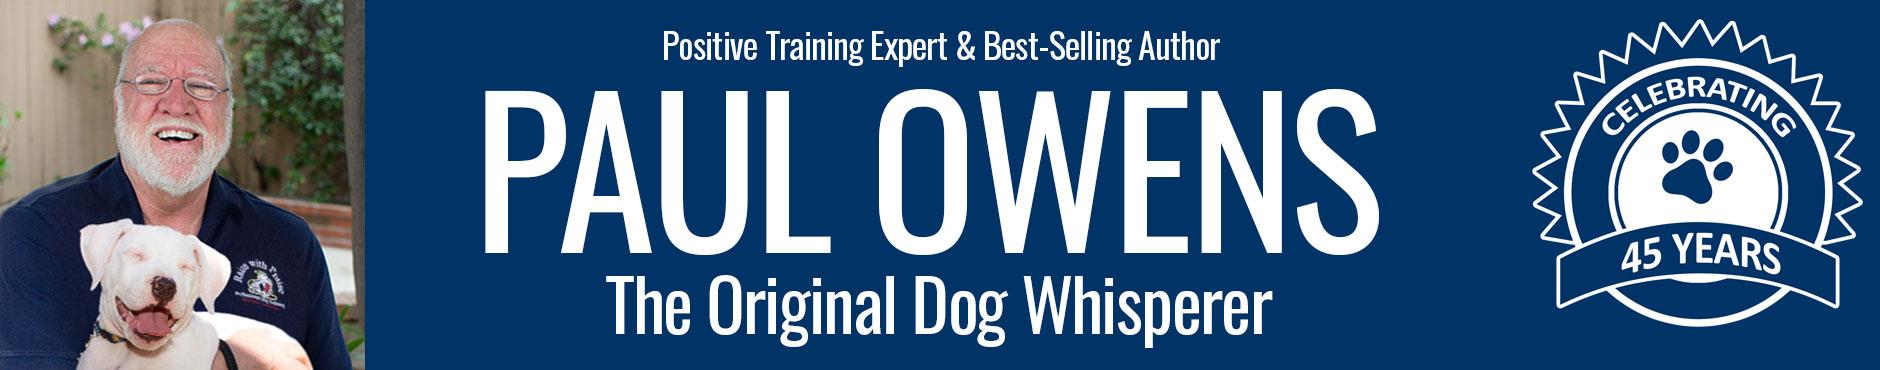 Paul Owens, the Original Dog Whisperer Logo